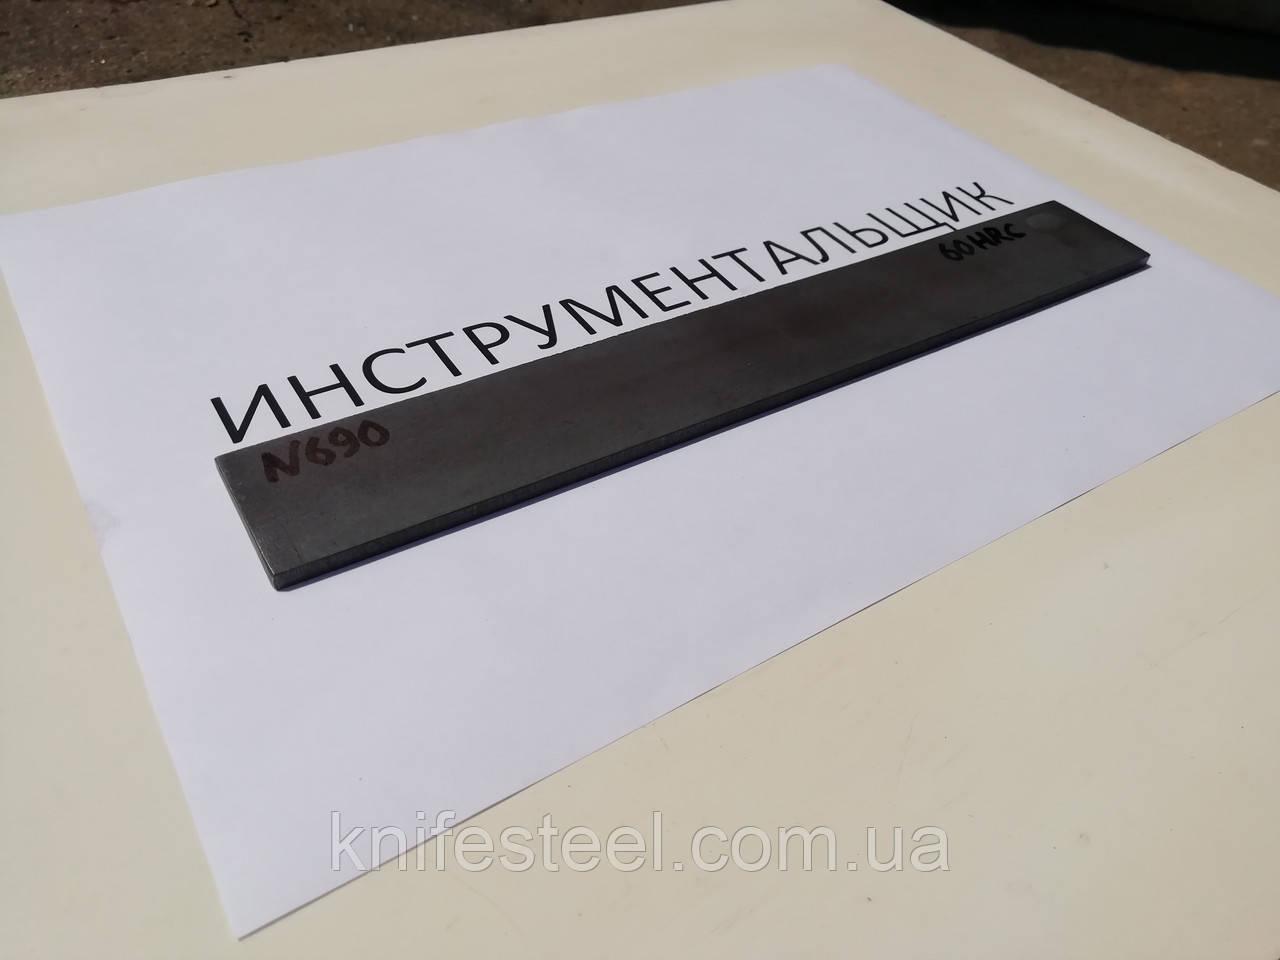 Заготовка для ножа сталь N690 250х32х3.8 мм термообработка (60 HRC) ШЛИФОВКА